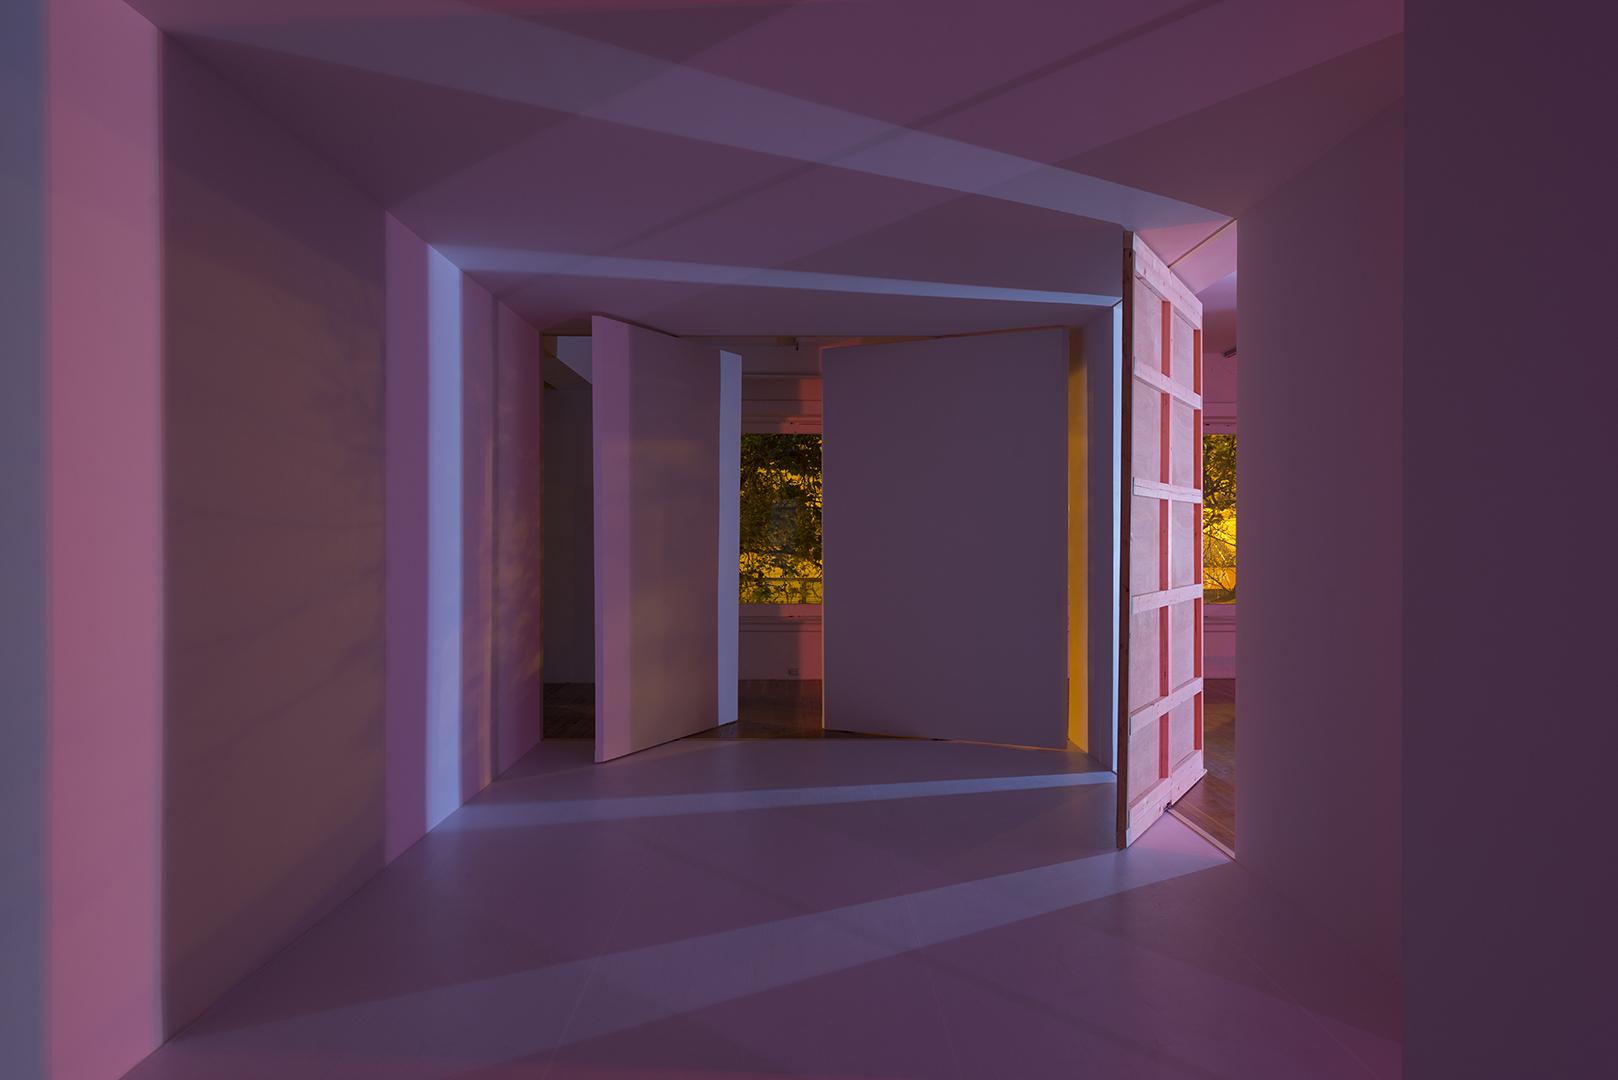 Revolving Doors, 2015